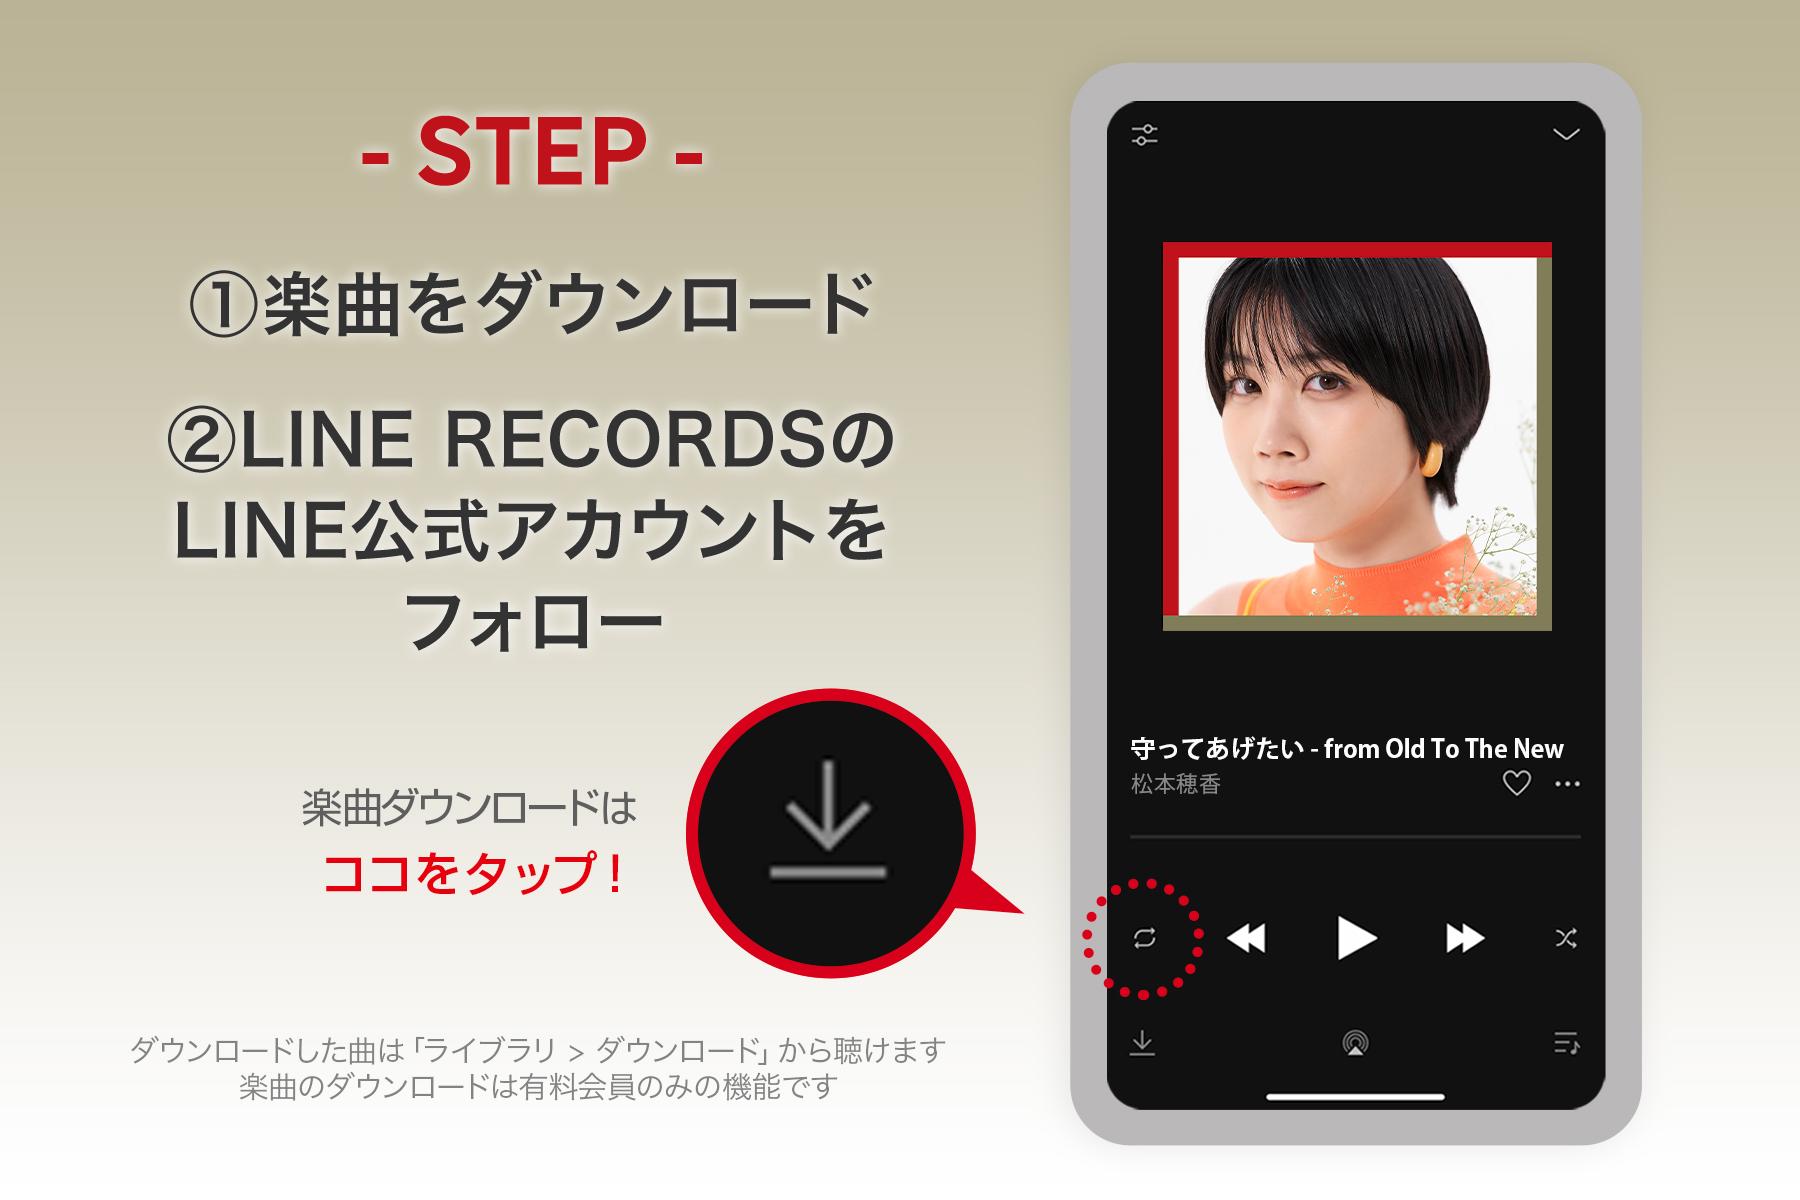 松本穂香『守ってあげたい - from Old To The                 New』を楽曲ダウンロード&「LINE                 RECORDS」LINE公式アカウントフォローで限定動画をゲットしよう!(10/31まで)